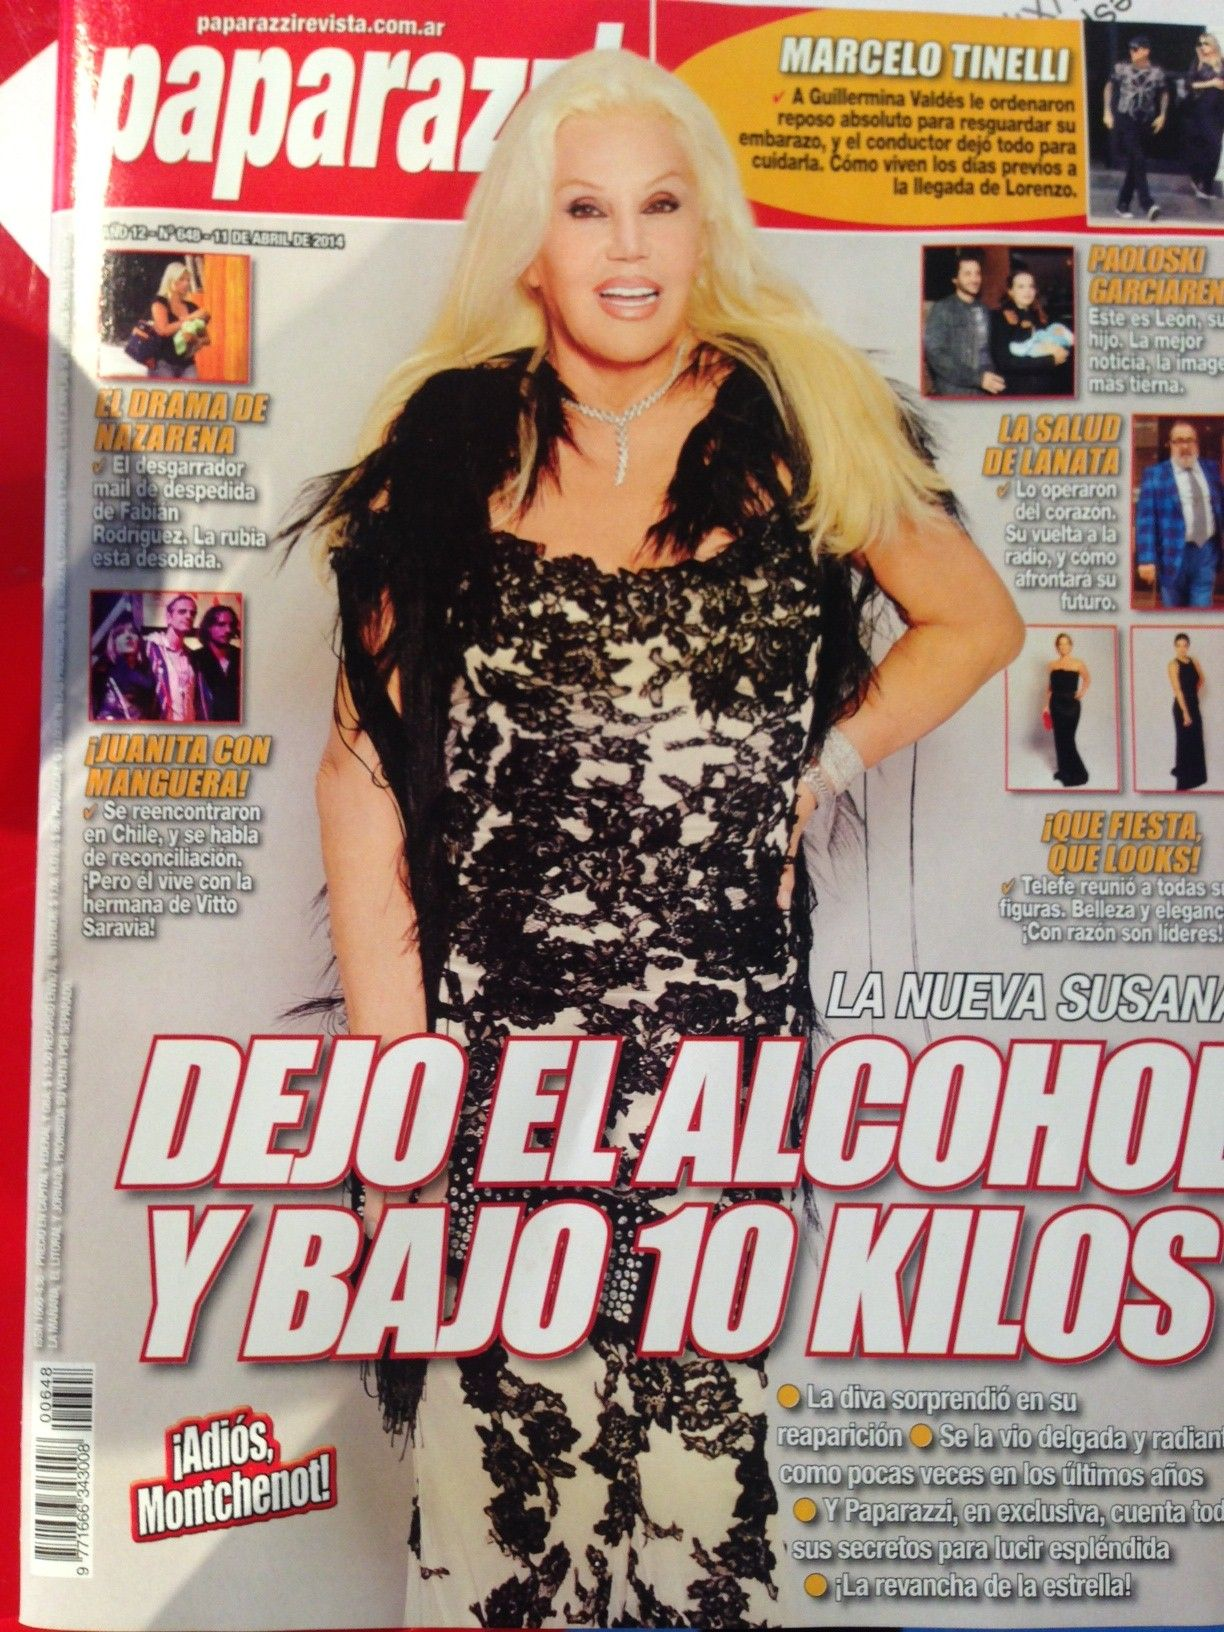 La nueva dieta shock de Susana: dejó el vino y el pan, y adelgazó 10 kilos